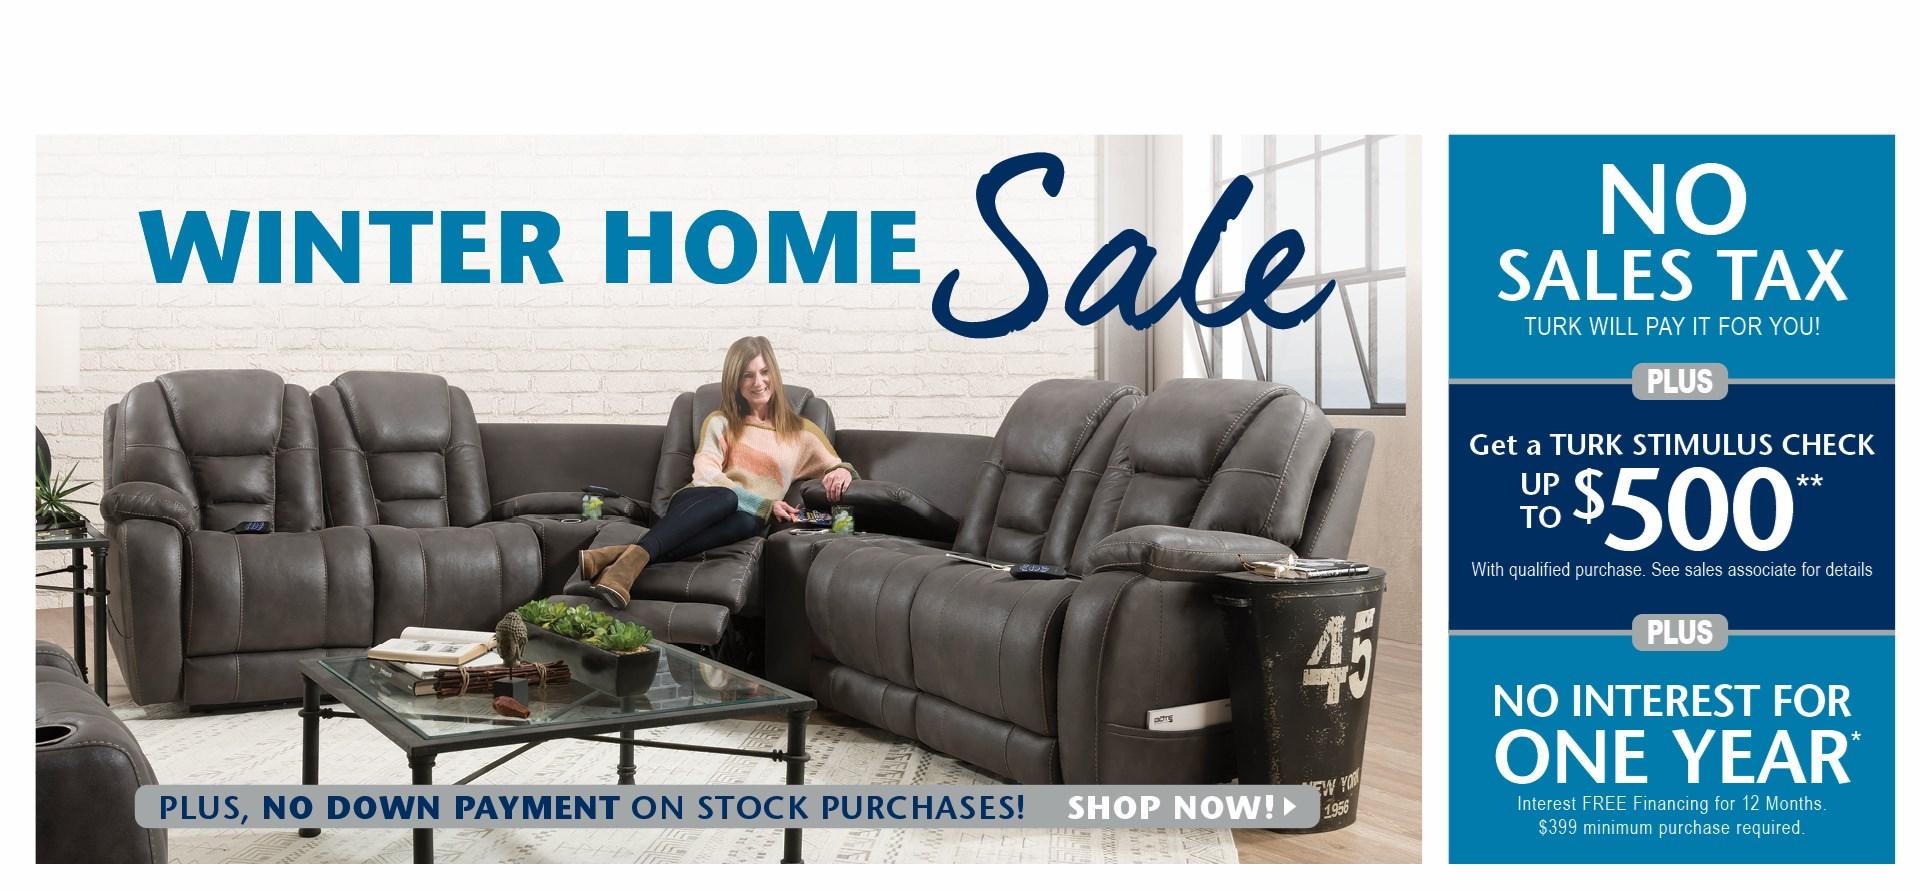 Winter Home Sale-2